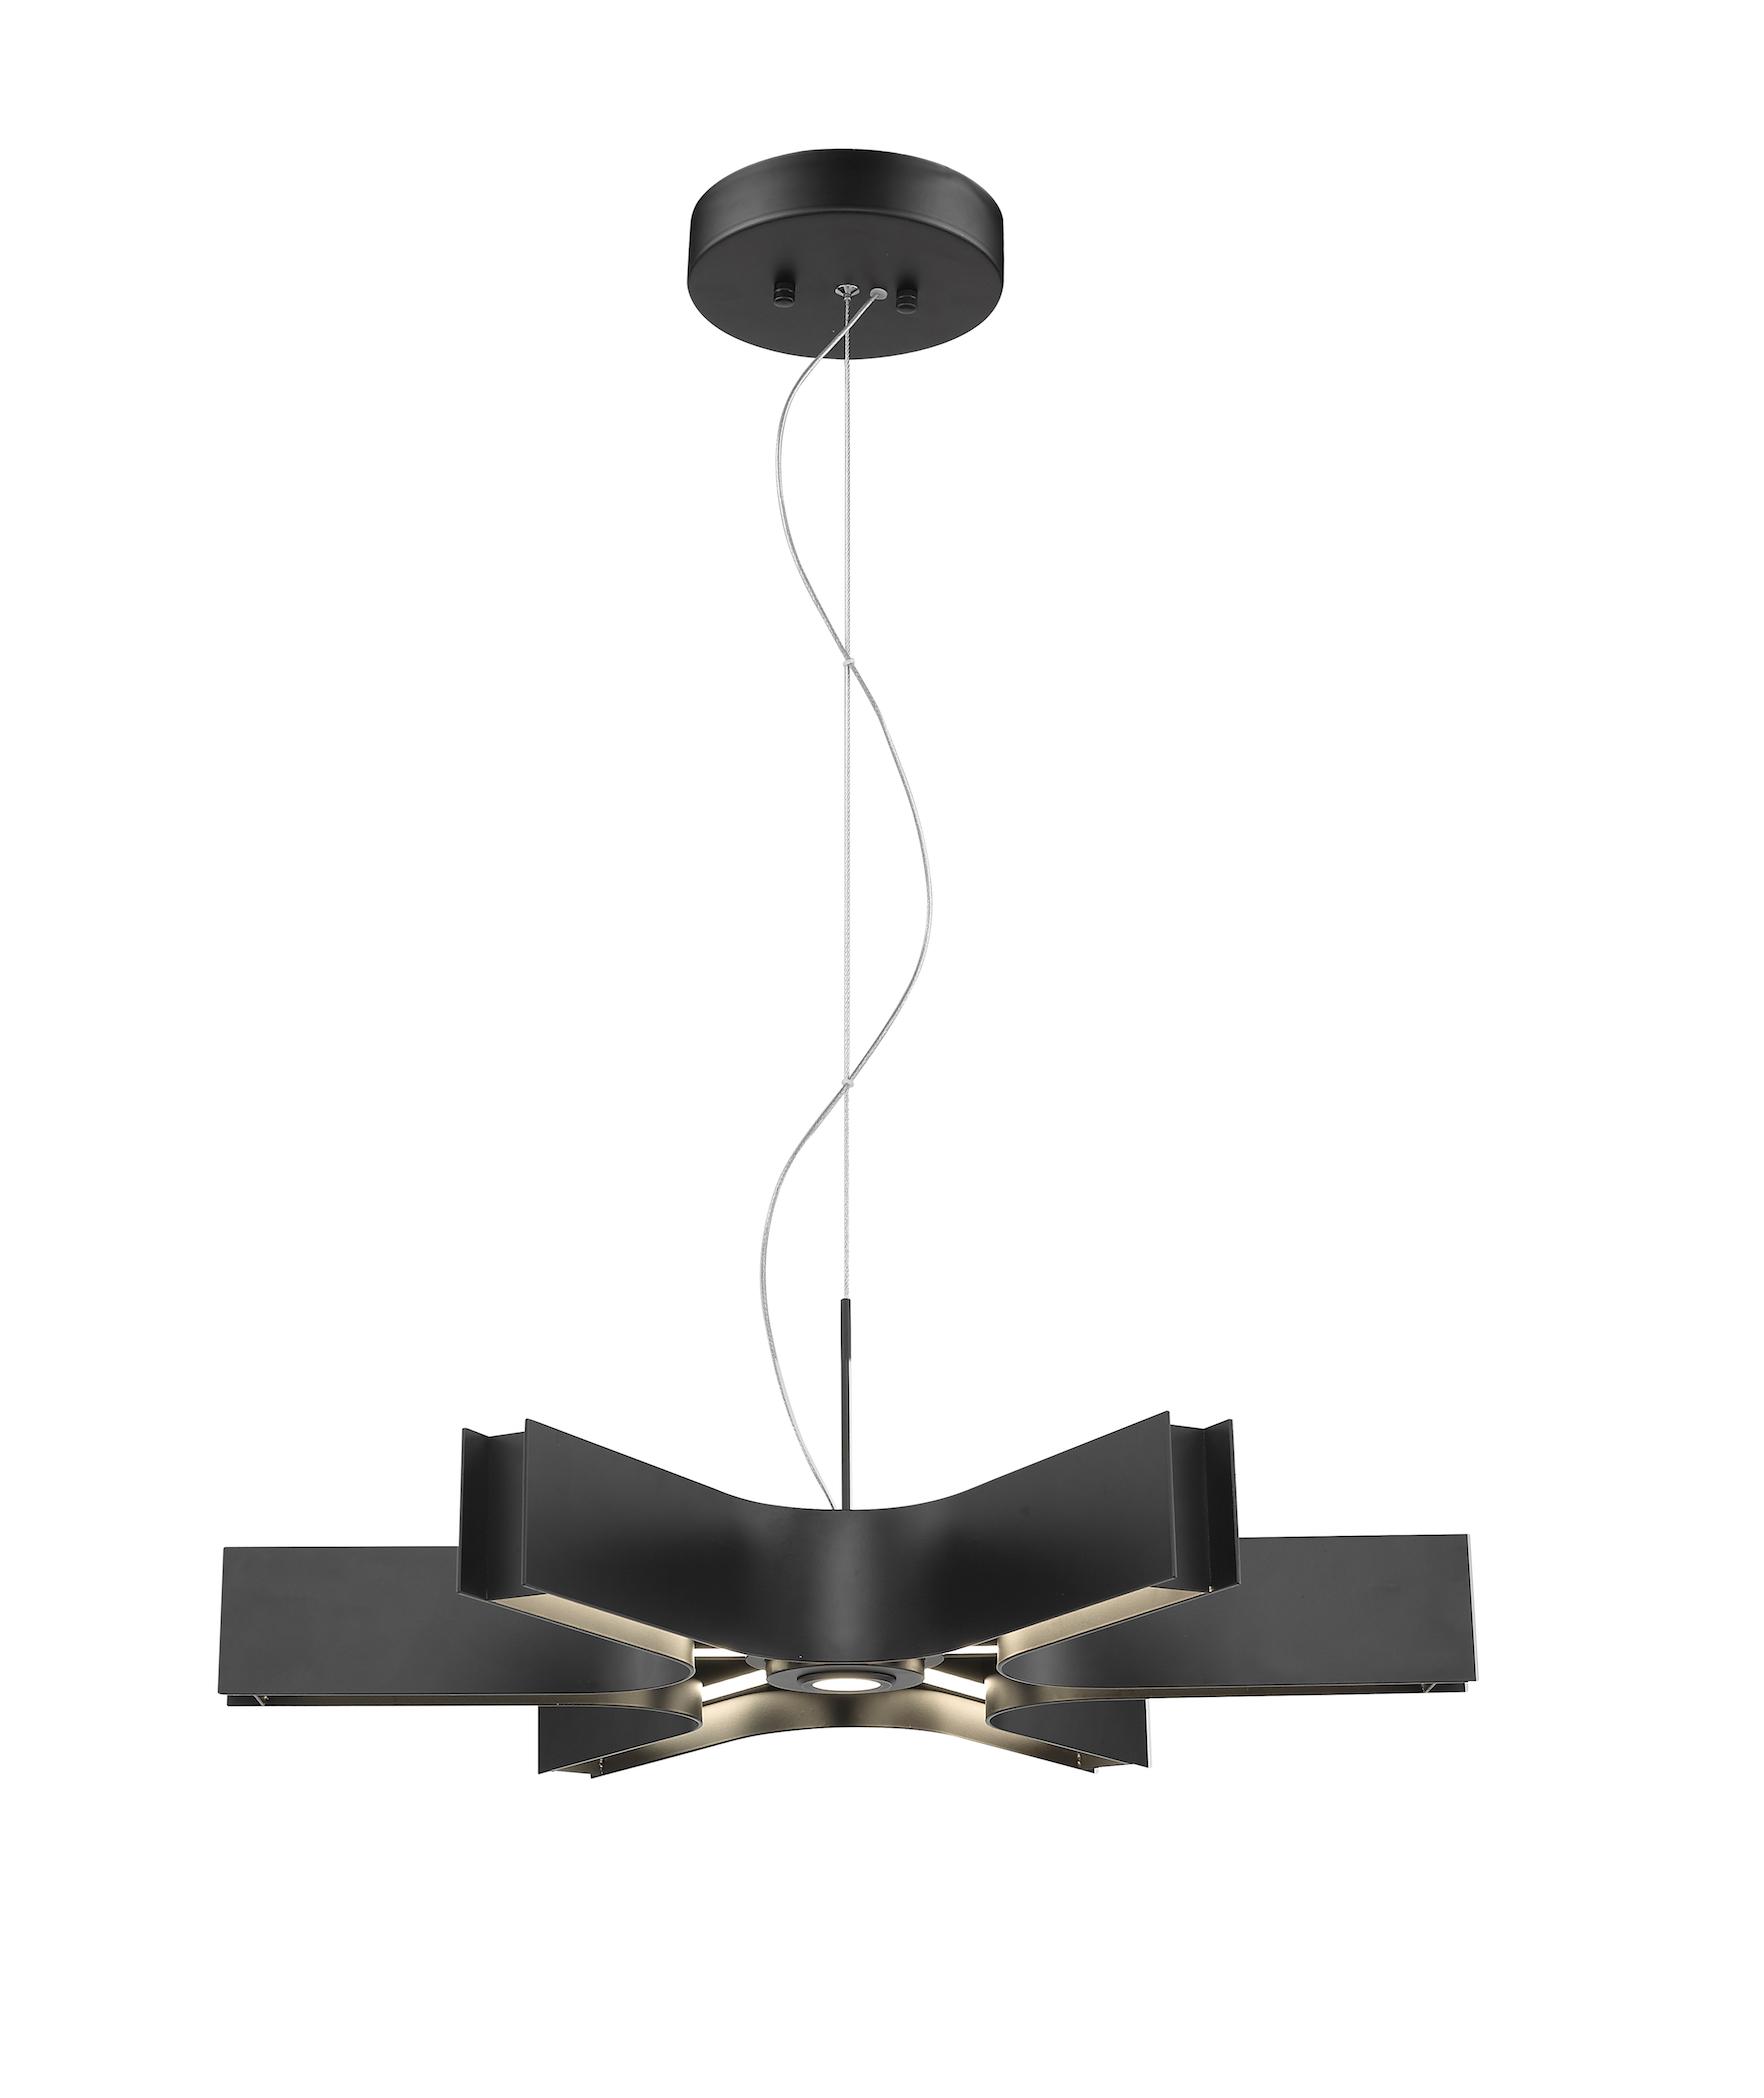 Pendant Lighting Transitional ARCANO Z-Lite 8002-24MB-LED